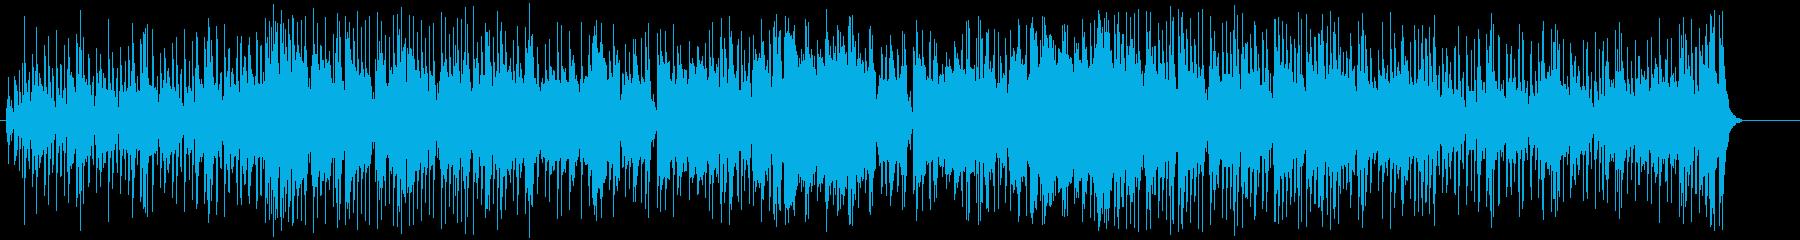 ブラックミュージックテイストのポップスの再生済みの波形